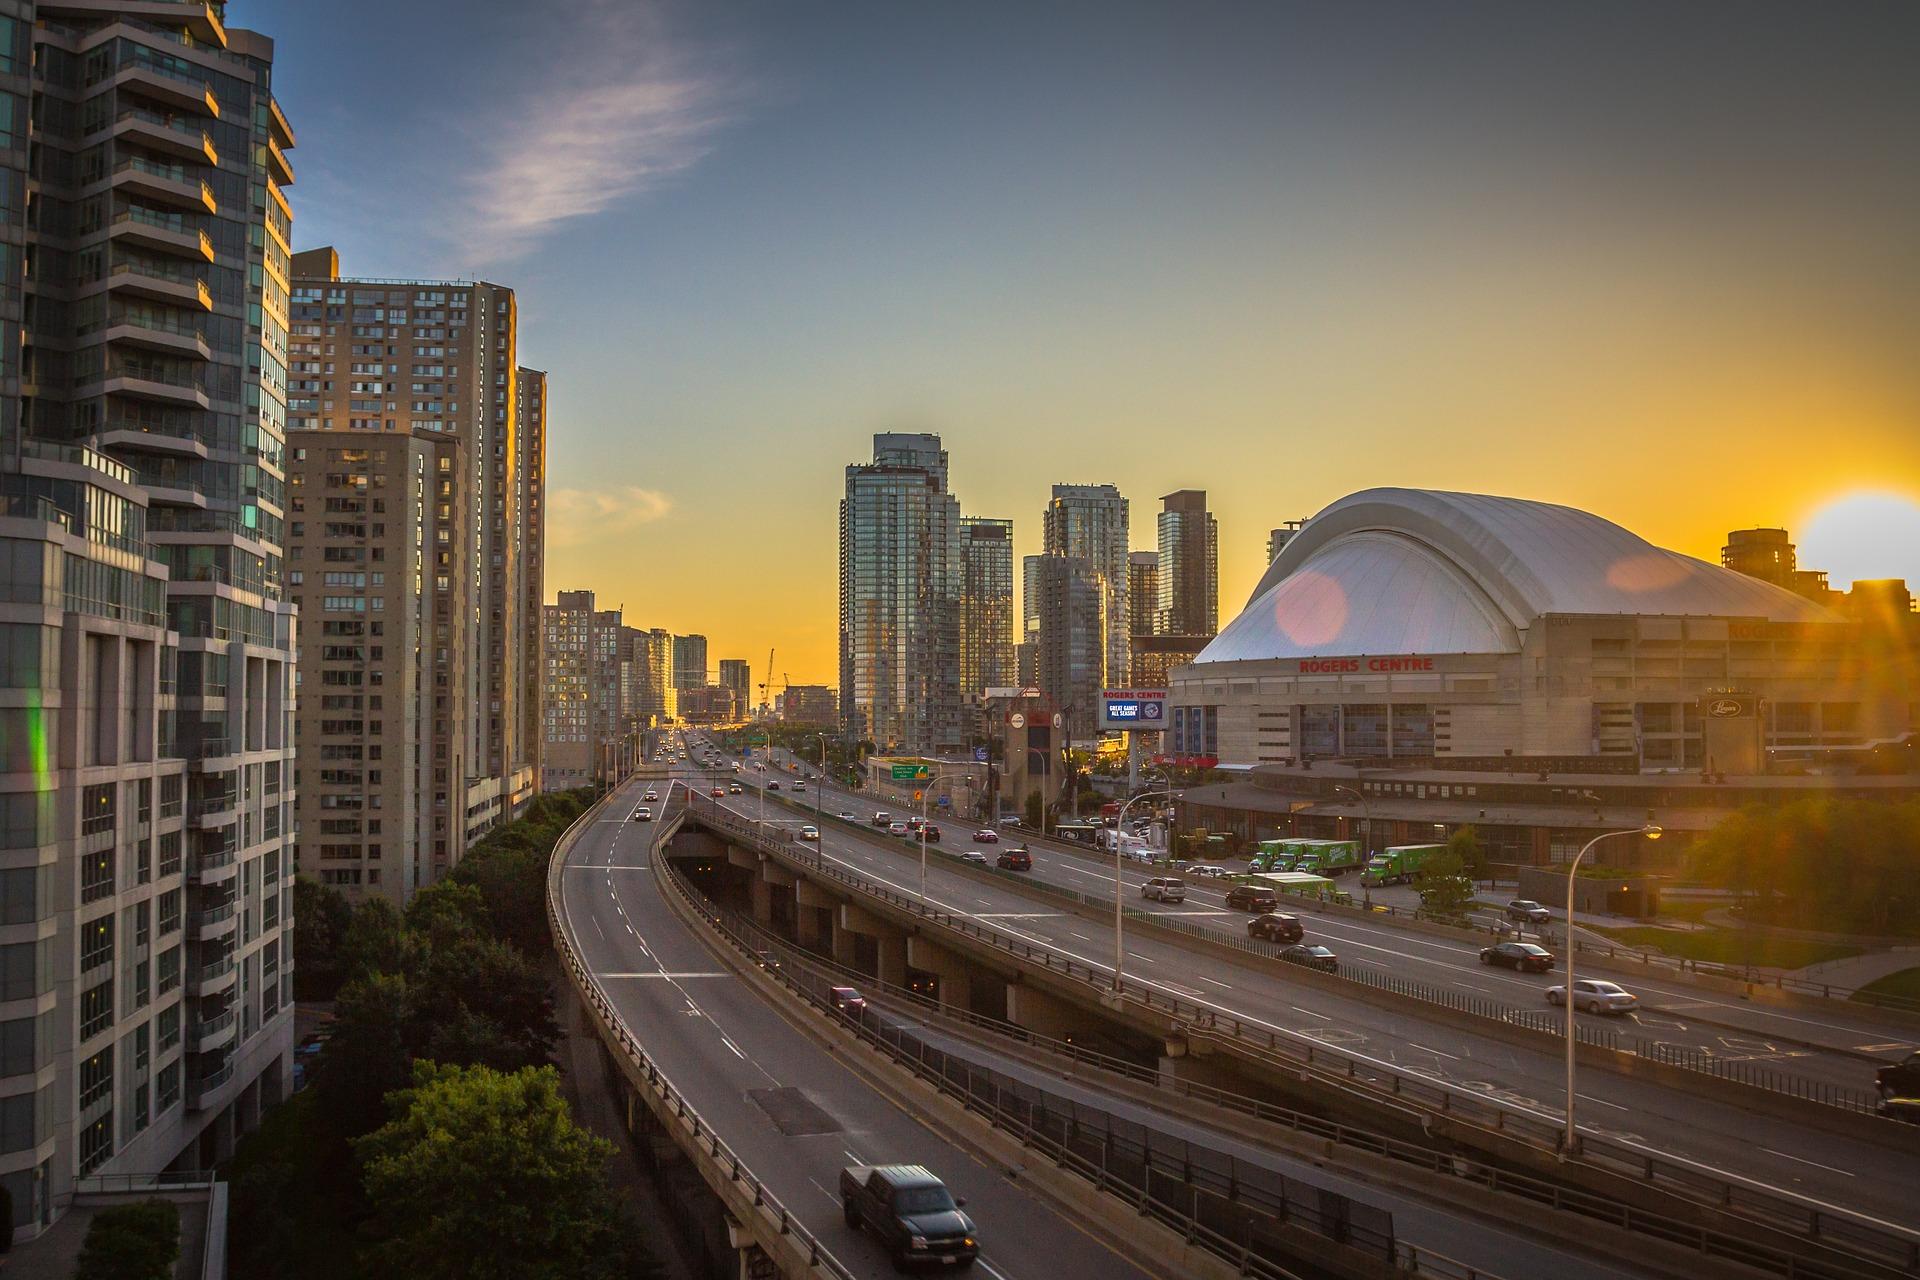 Rogers tienen planes de demoler el Rogers Centre